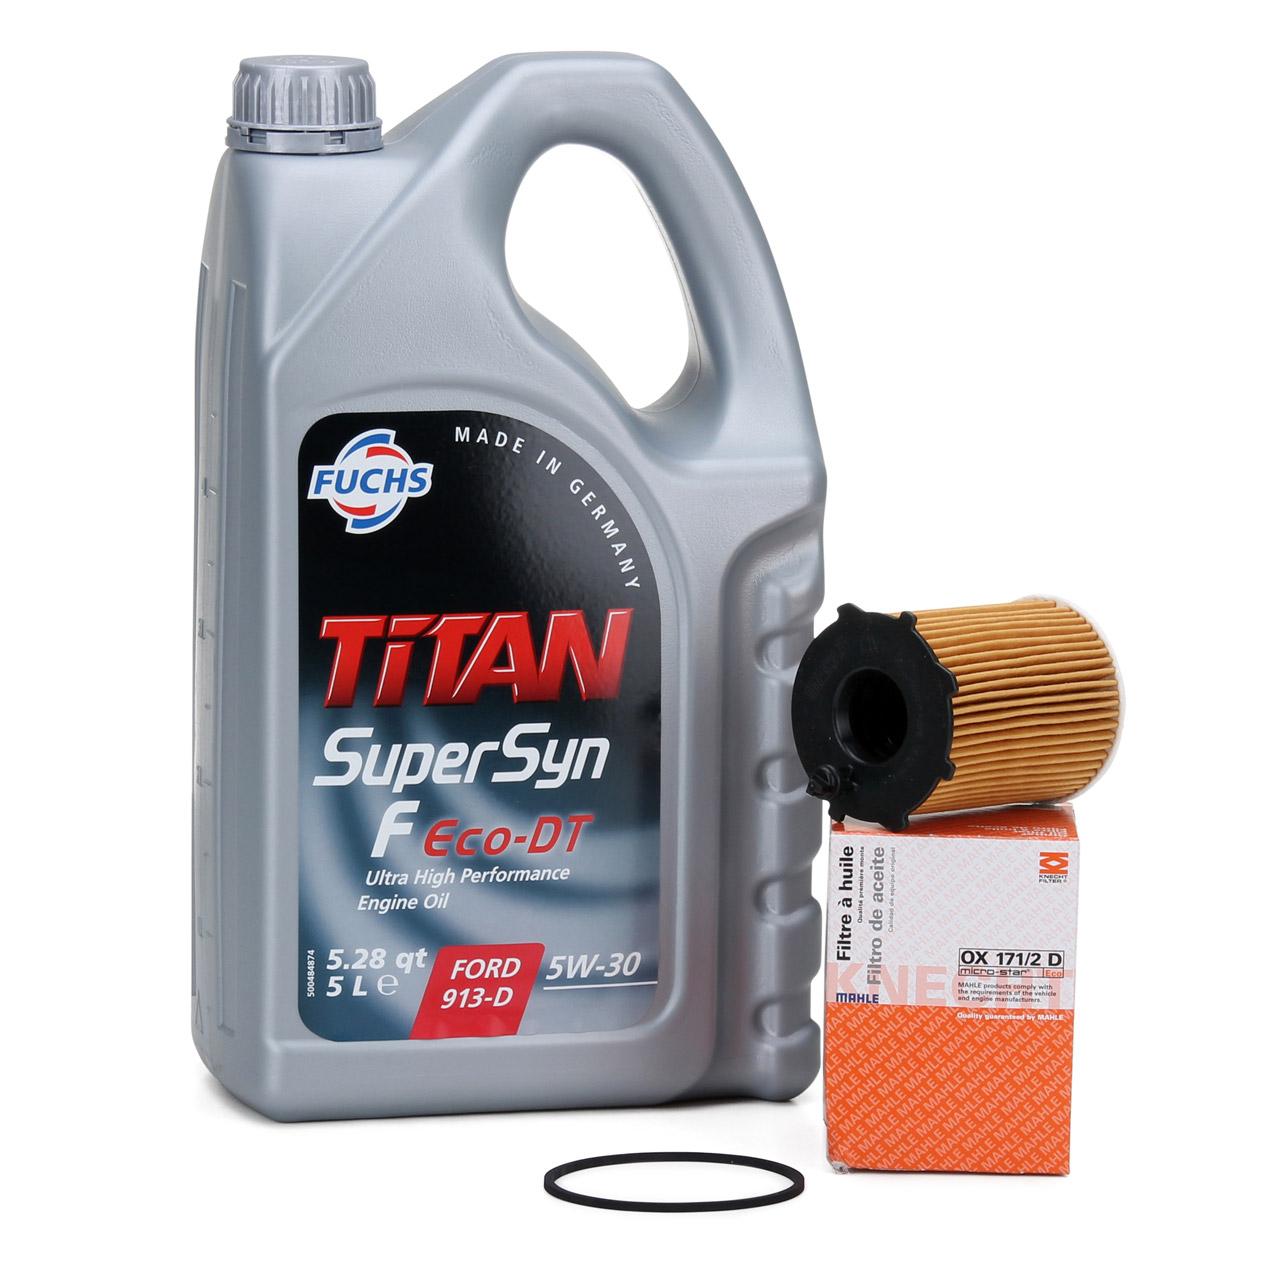 FUCHS Motoröl ÖL TITAN SuperSyn F Eco-DT 5W-30 5 Liter + MAHLE OX171/2D Ölfilter